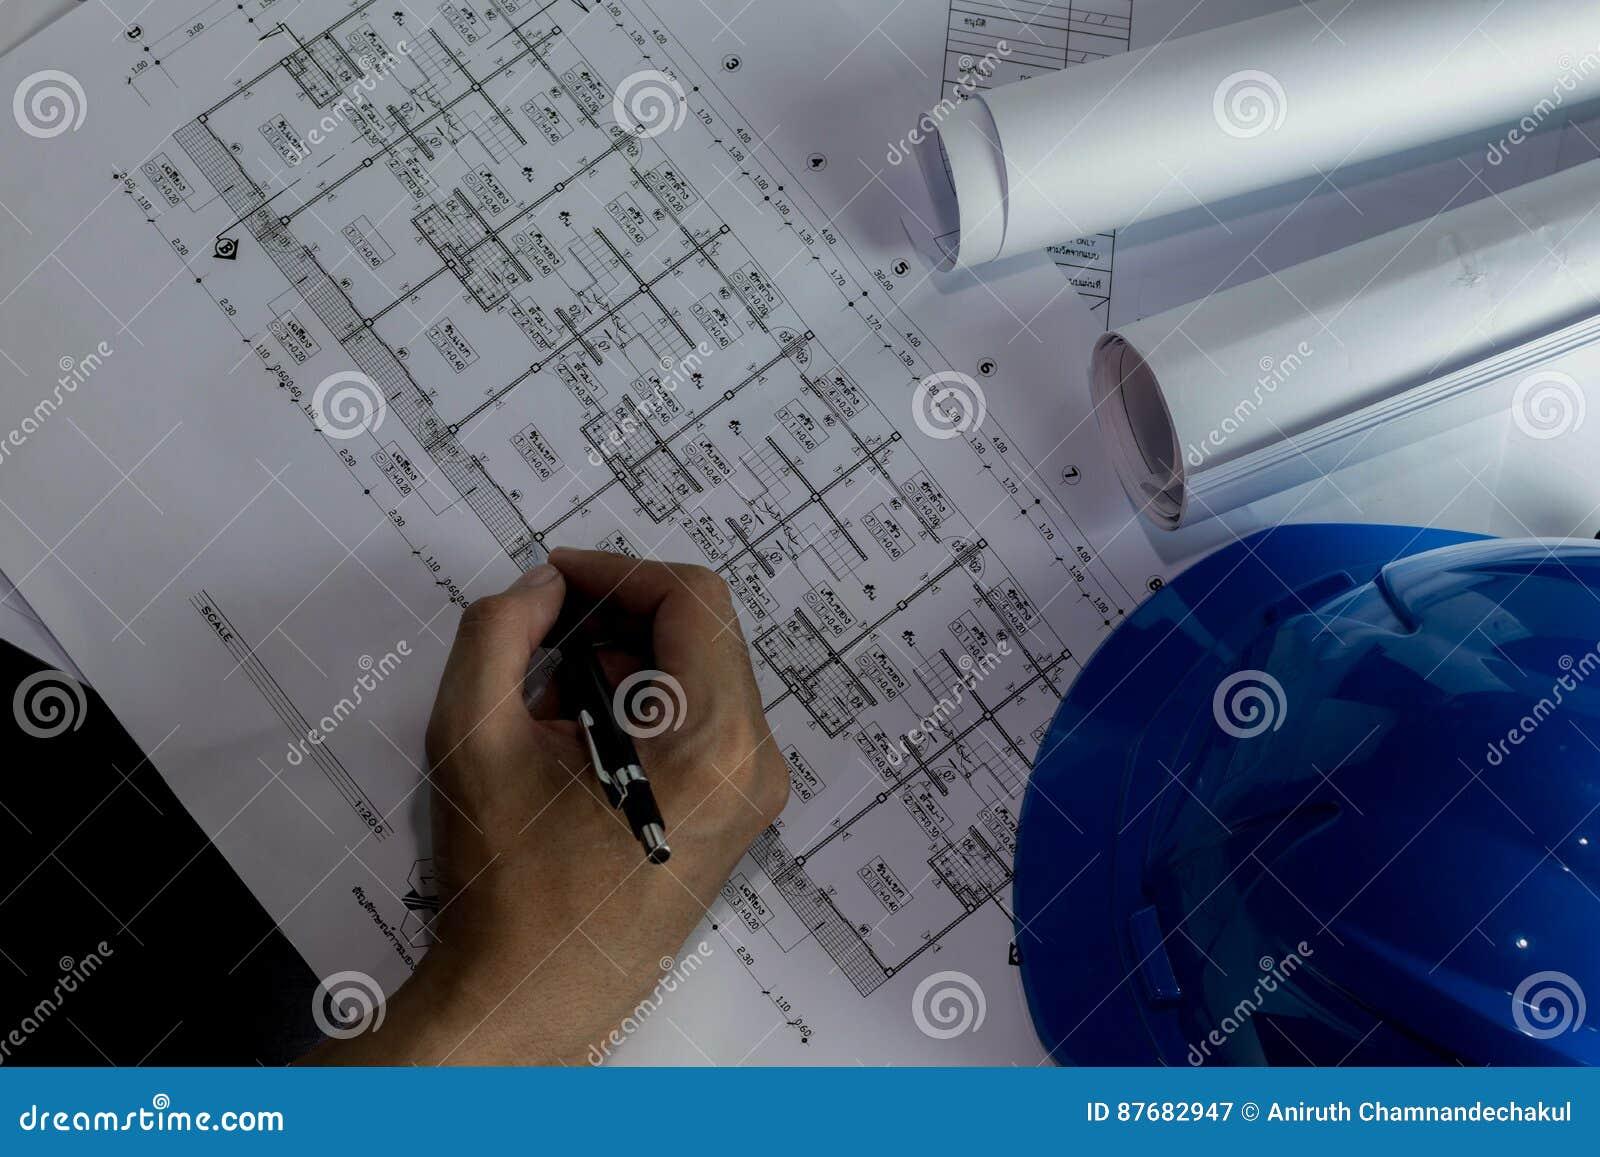 Рабочее место архитектора - крены и планы архитектора architrave